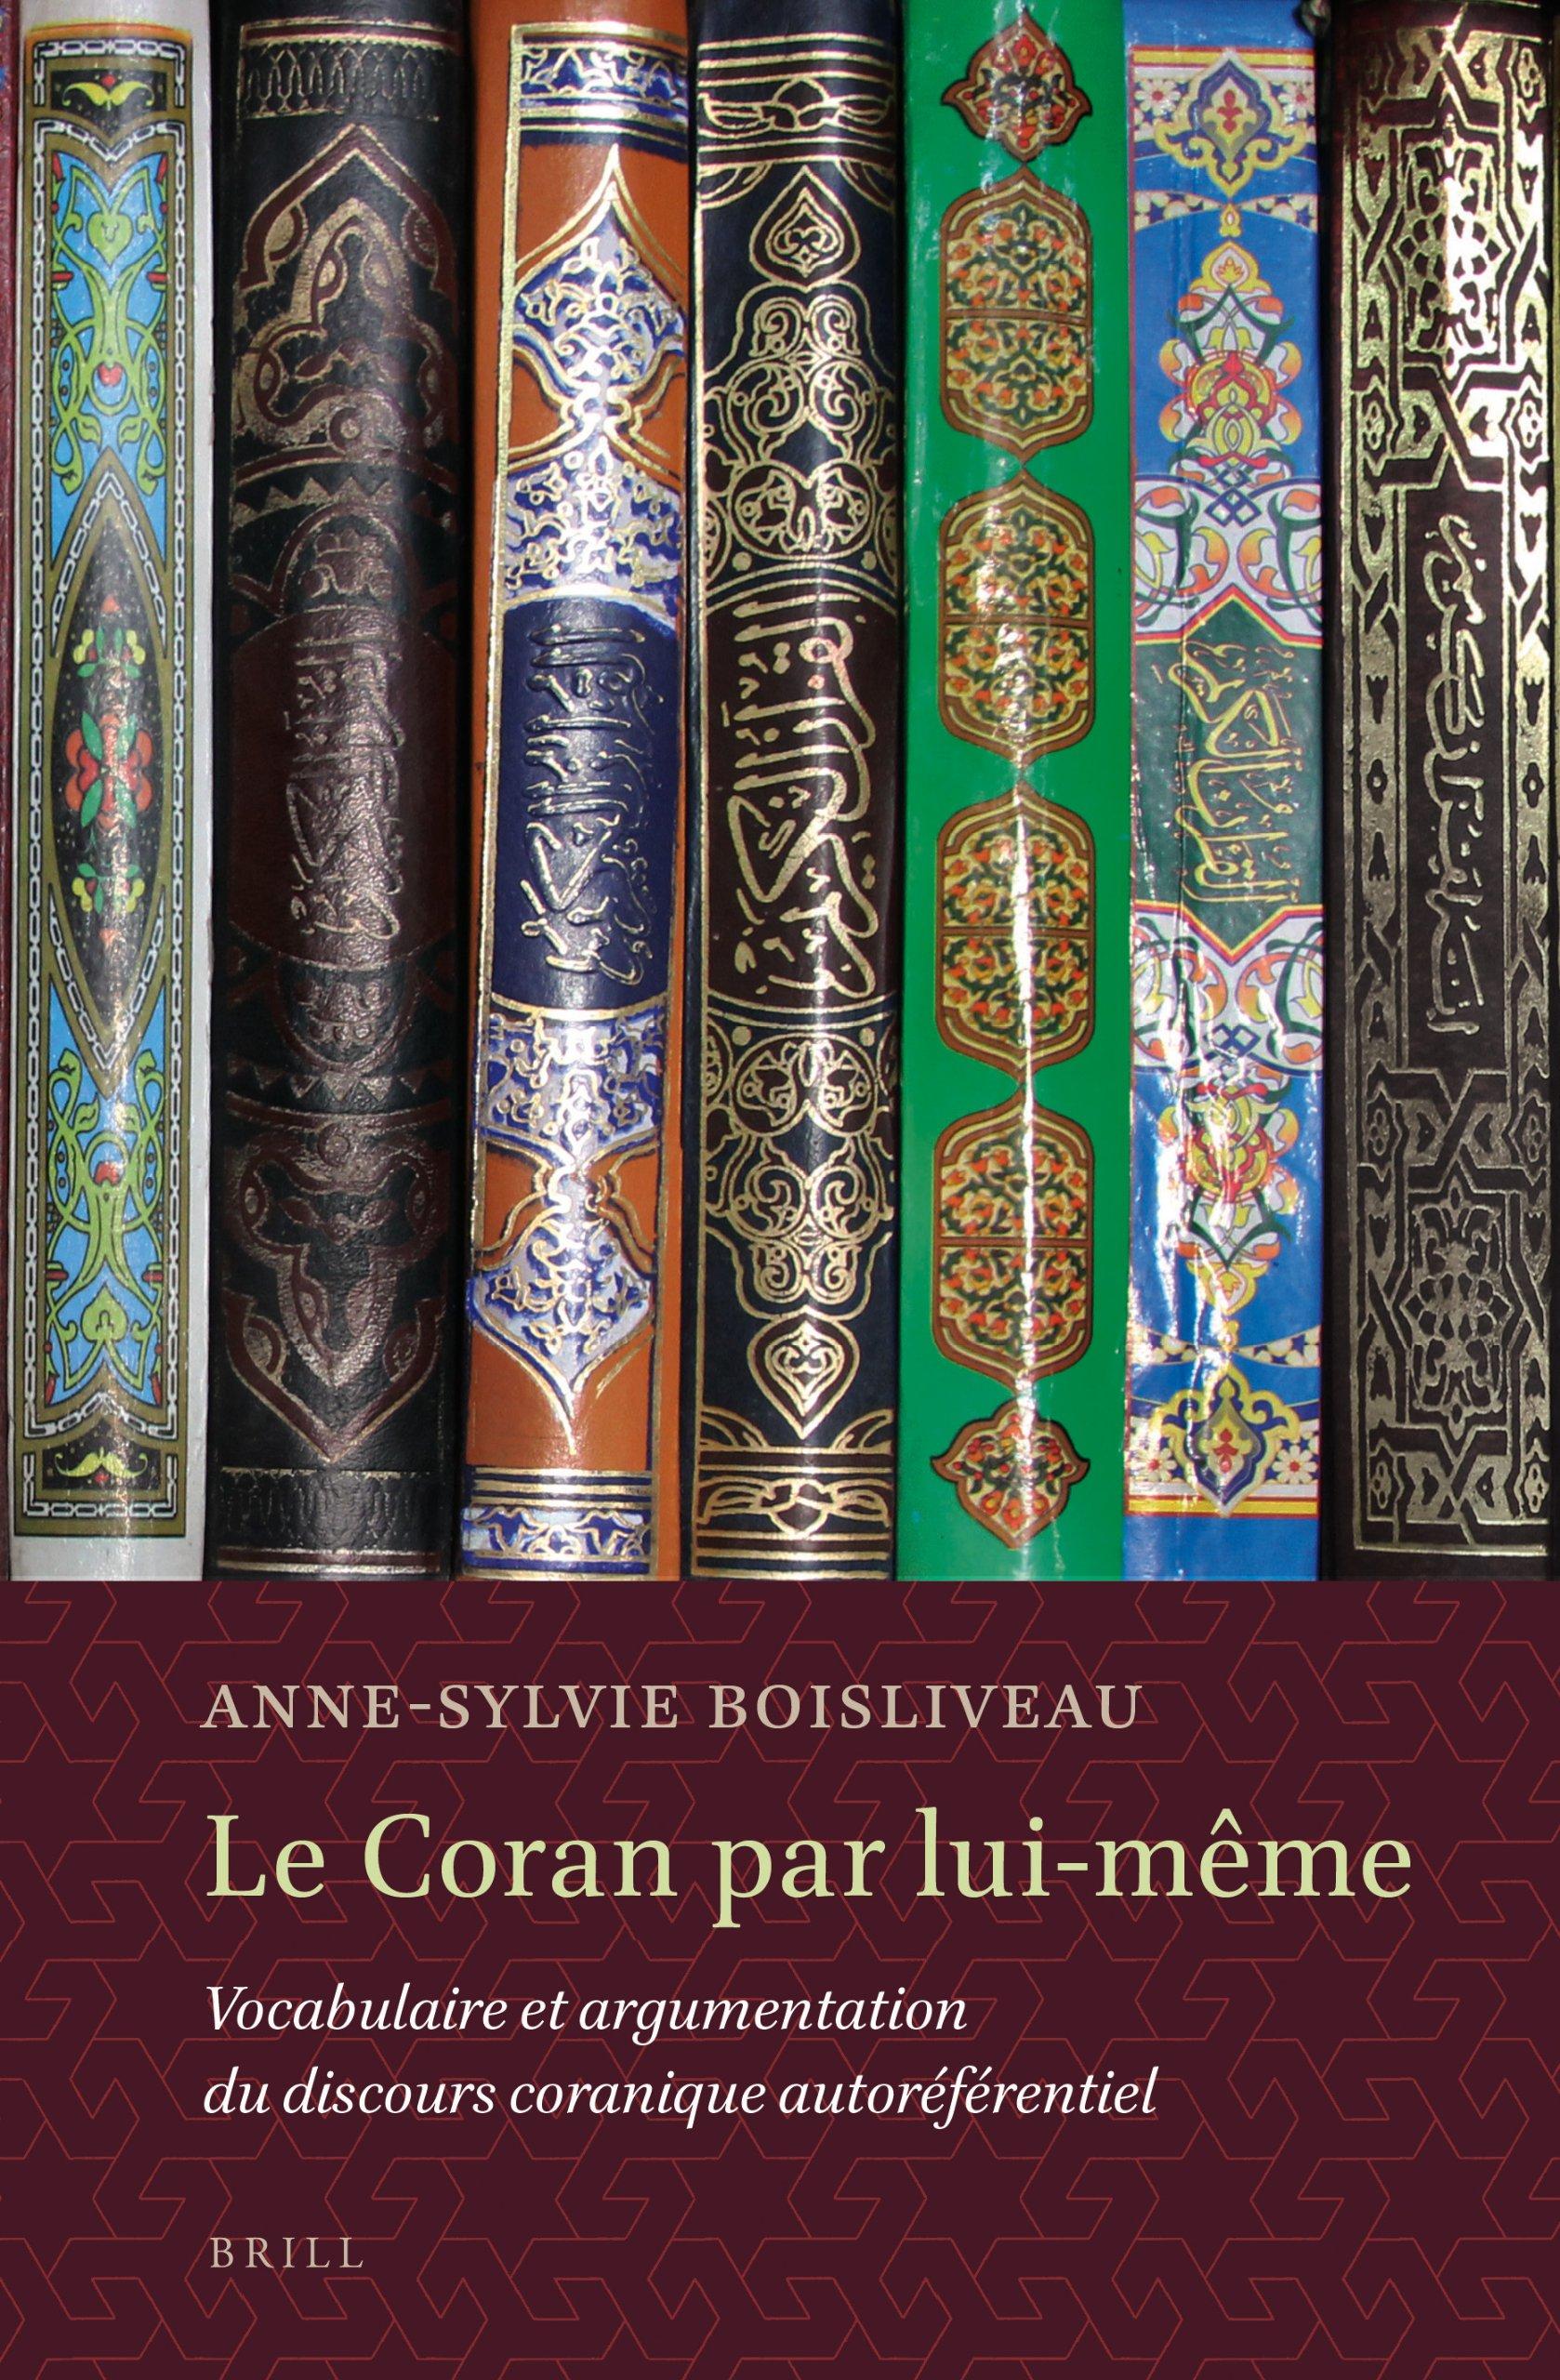 Le Coran par lui-meme : Vocabulaire et argumentation du discours coranique autoreferentiel